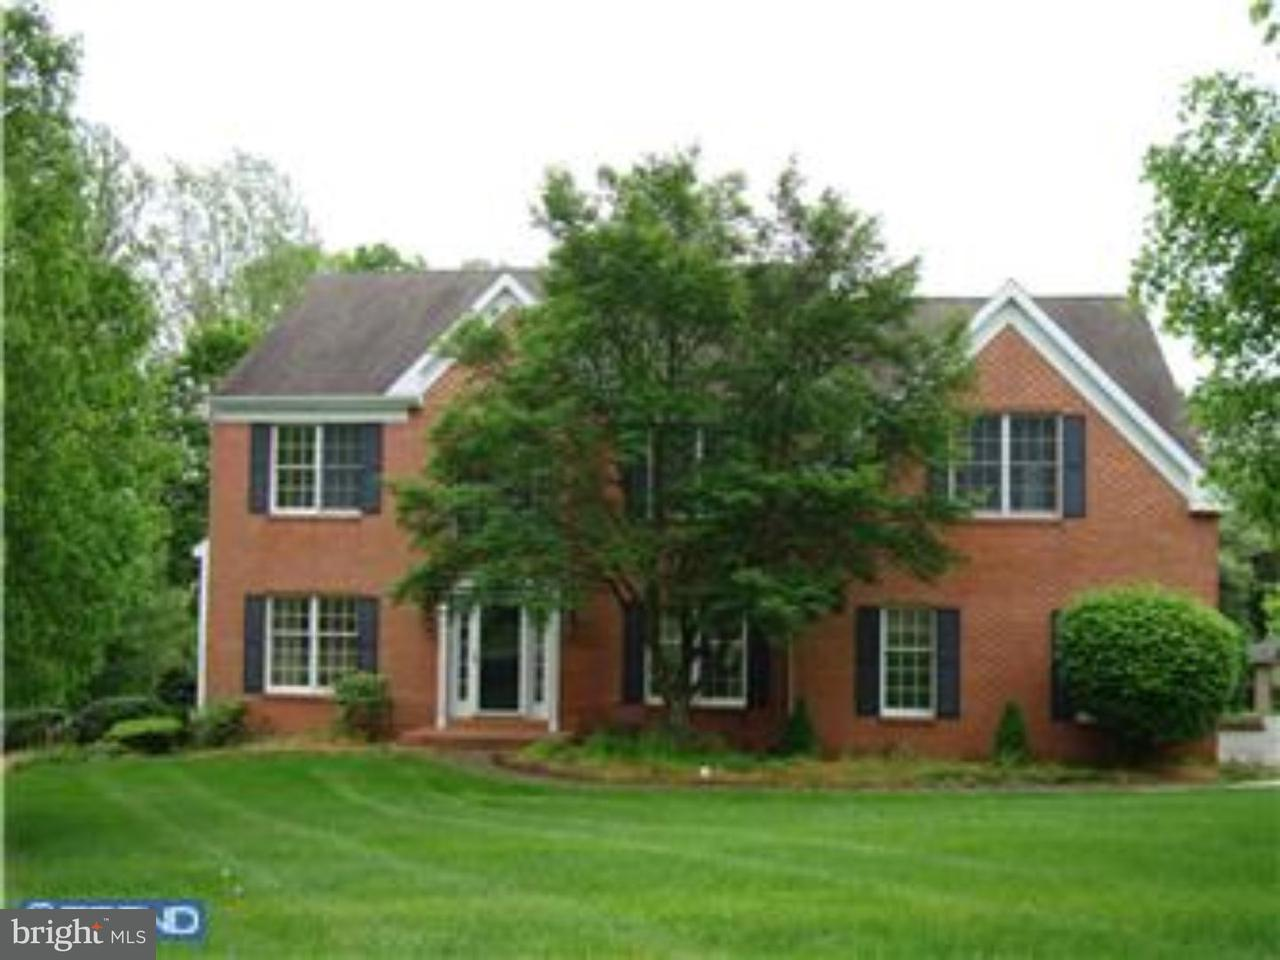 Частный односемейный дом для того Аренда на 402 LONGVIEW Drive West Chester, Пенсильвания 19380 Соединенные Штаты